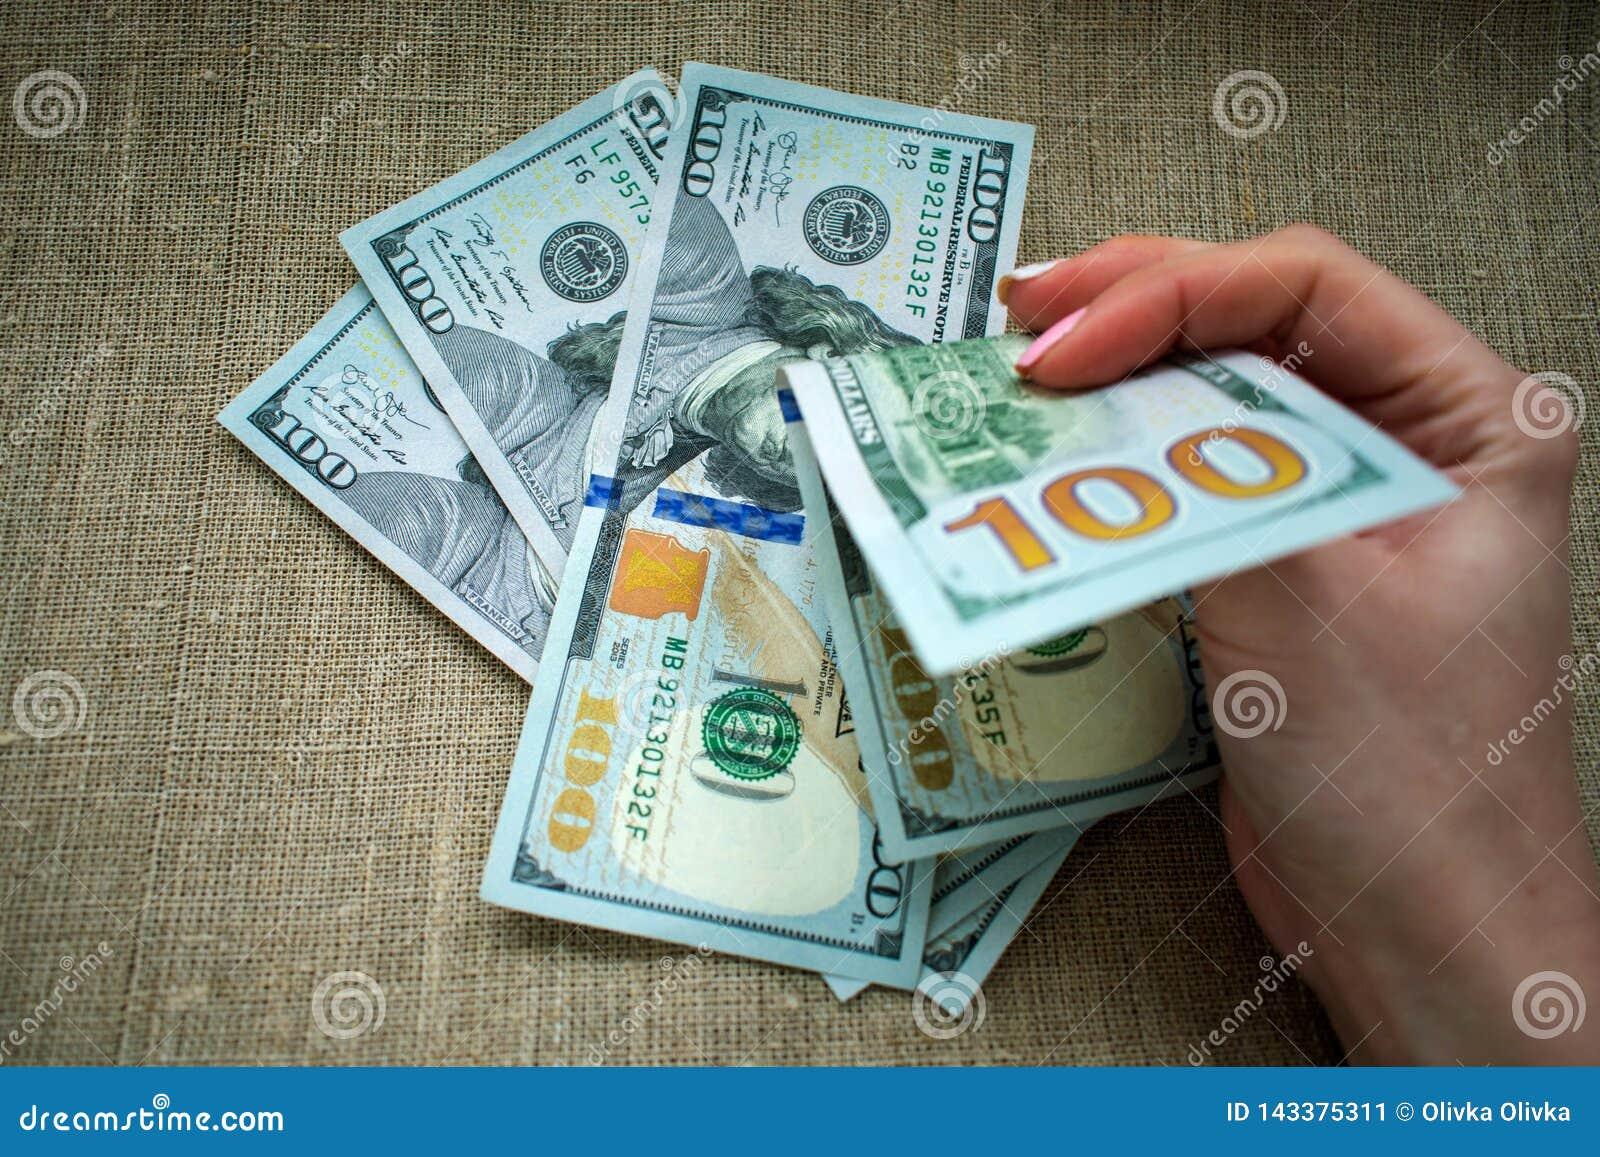 Τα χρήματα είναι διαθέσιμα, μια γυναίκα παίρνει τα χρήματα